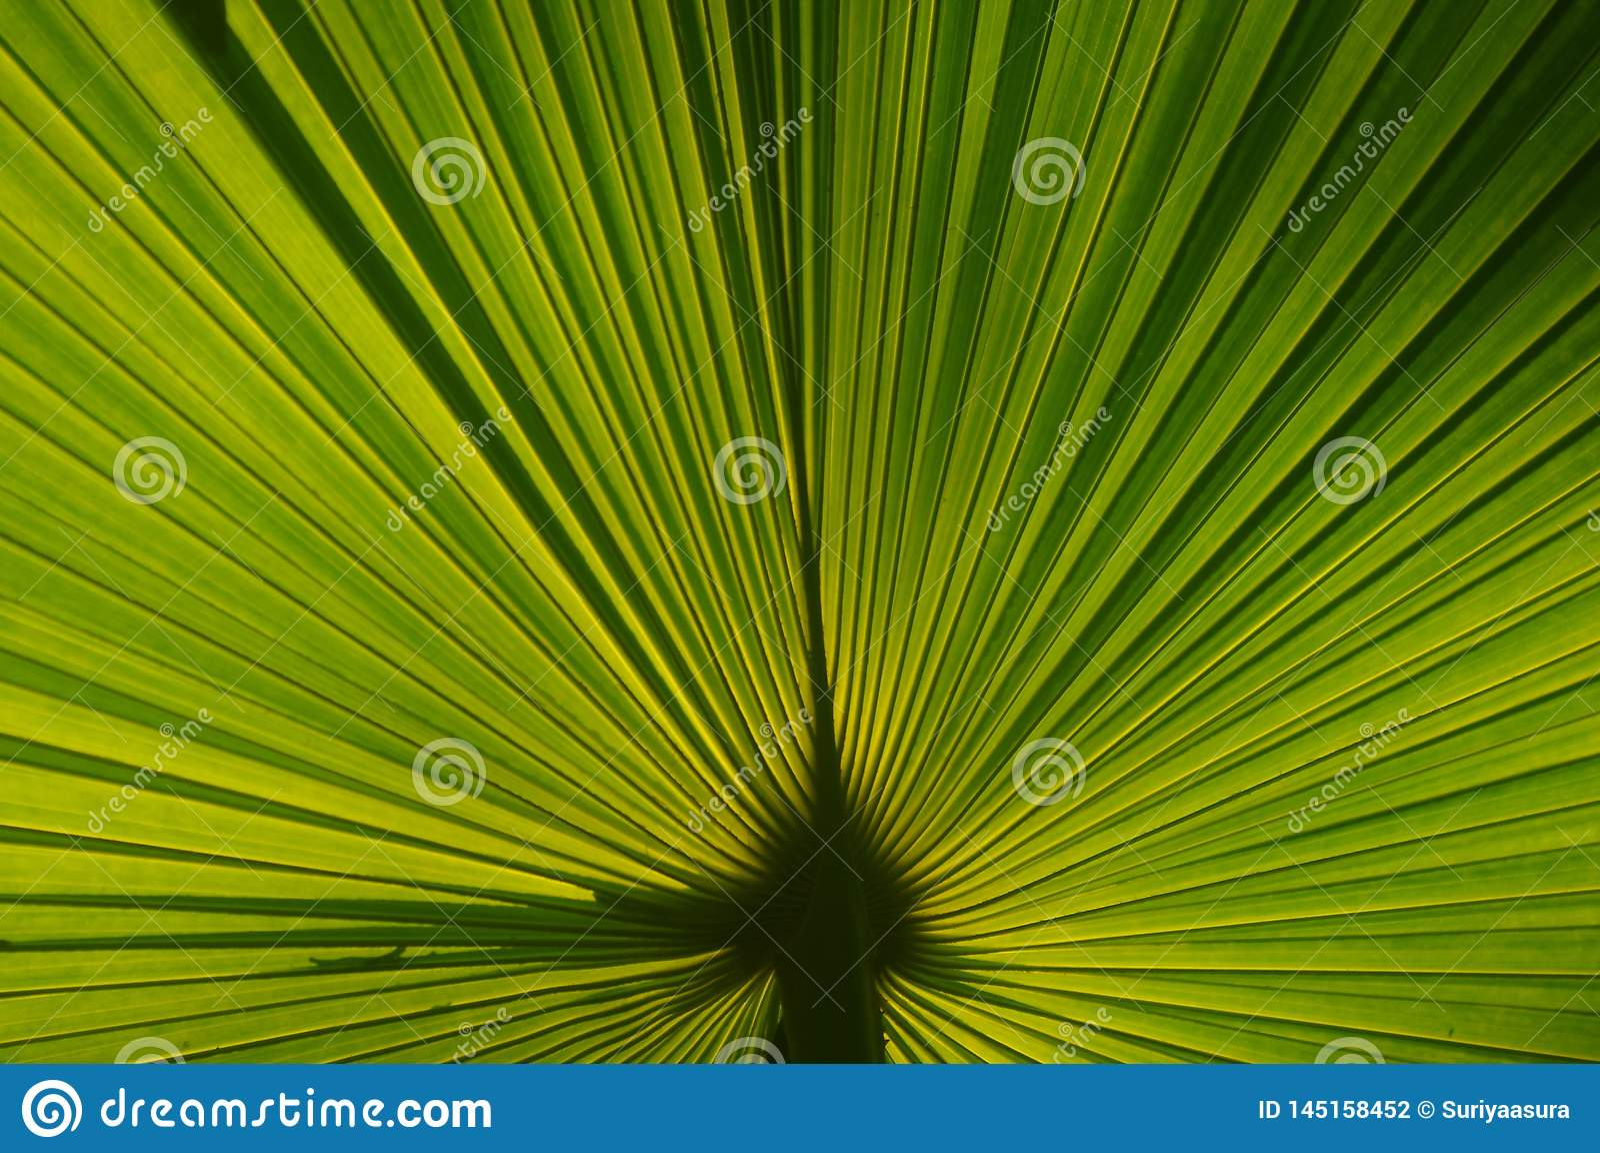 Τα φύλλα φοινικών με το φως από τον ήλιο που λάμπει από την πλάτη κάνου